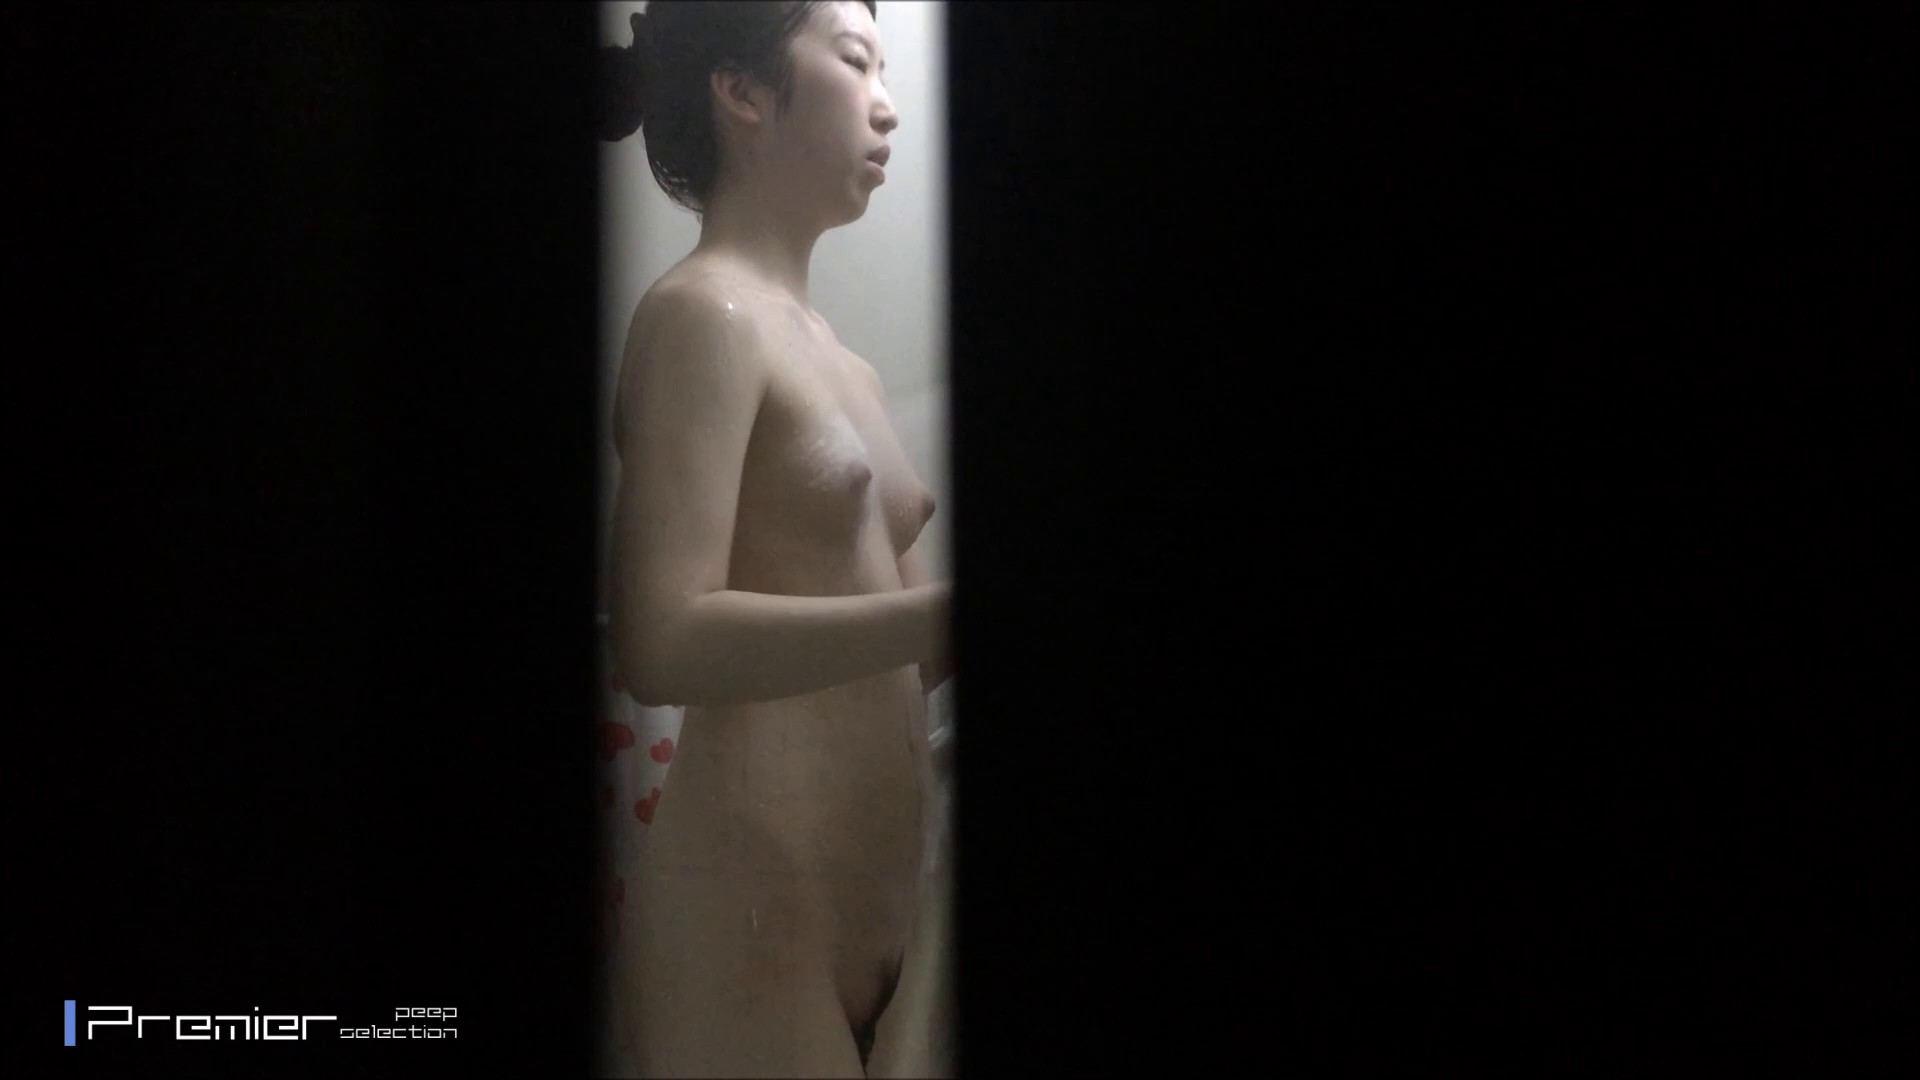 笑顔のスポーツ美女 乙女の風呂場 Vol.23 盗撮・必見 AV動画キャプチャ 83画像 8